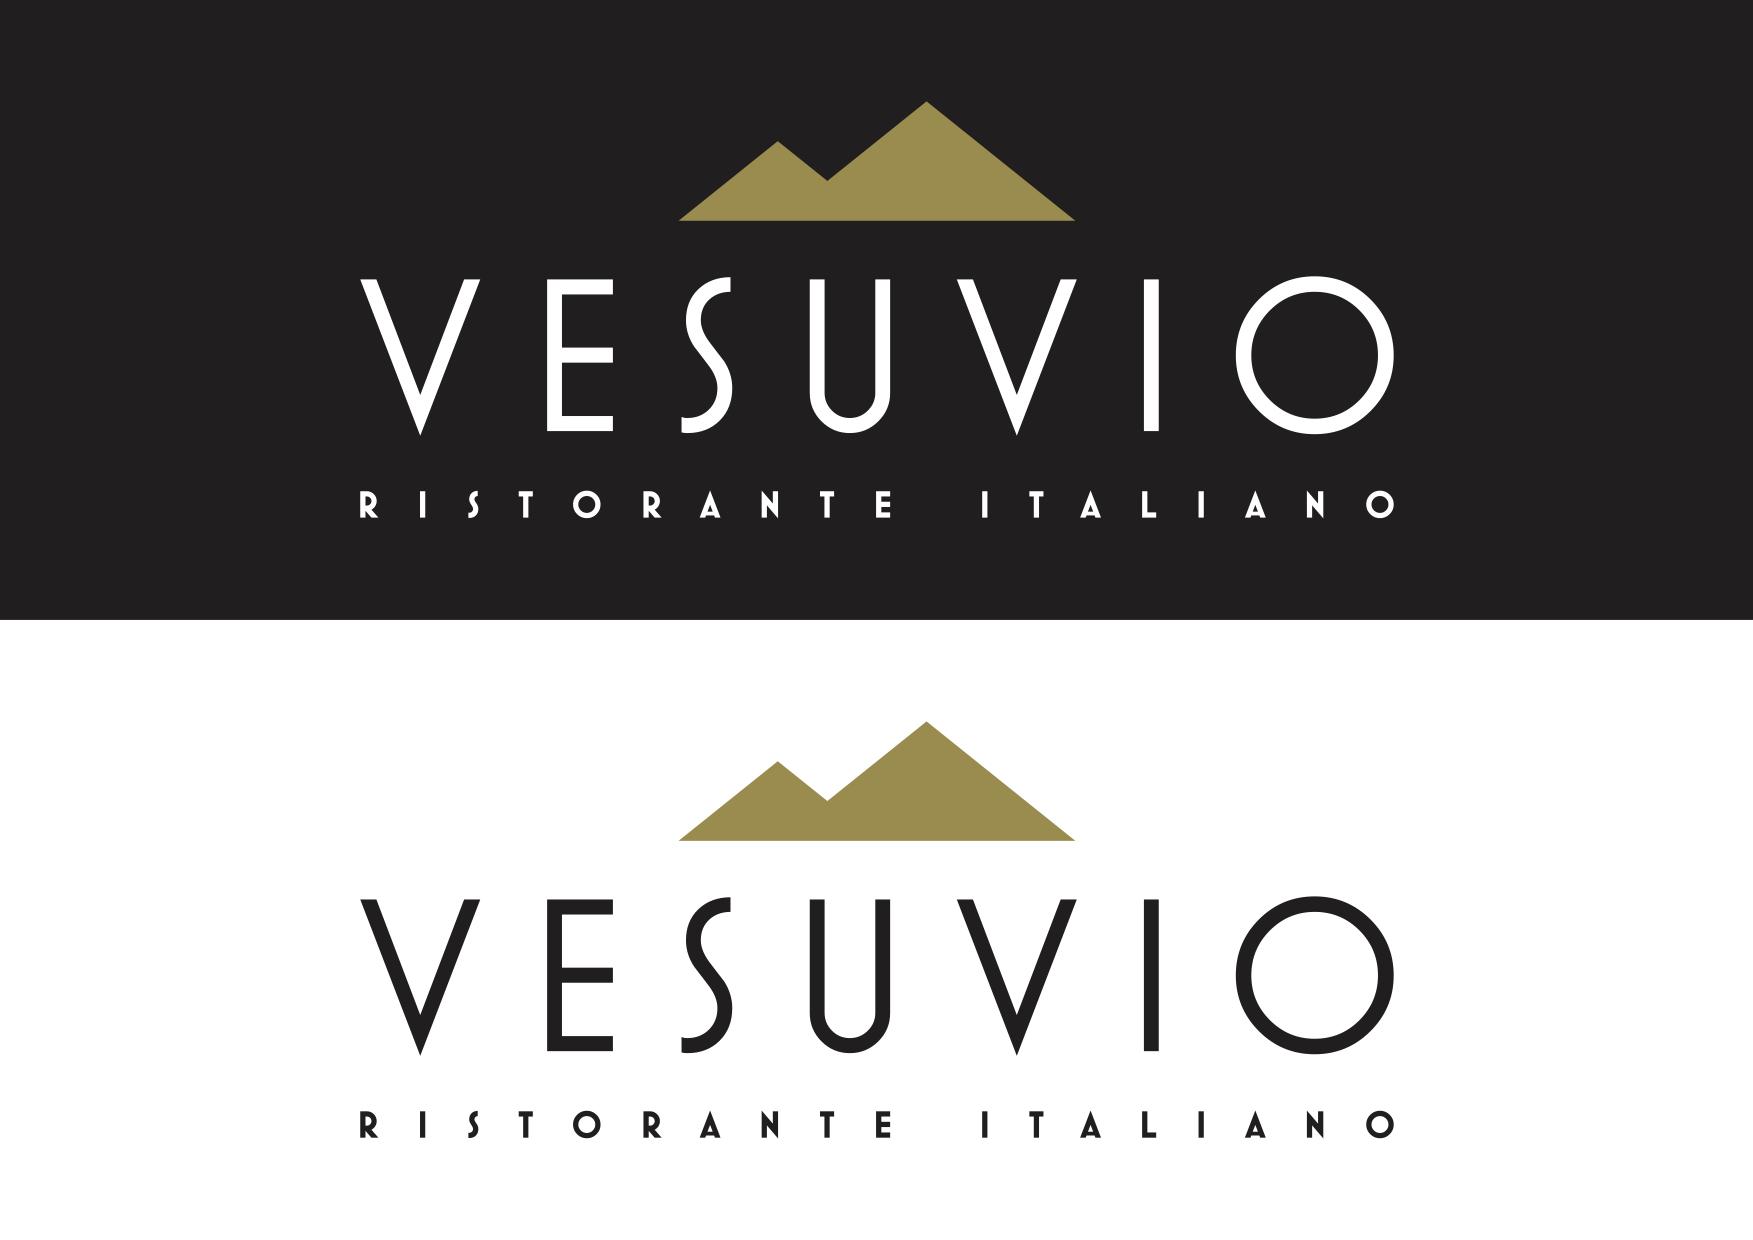 51 Vesuvio